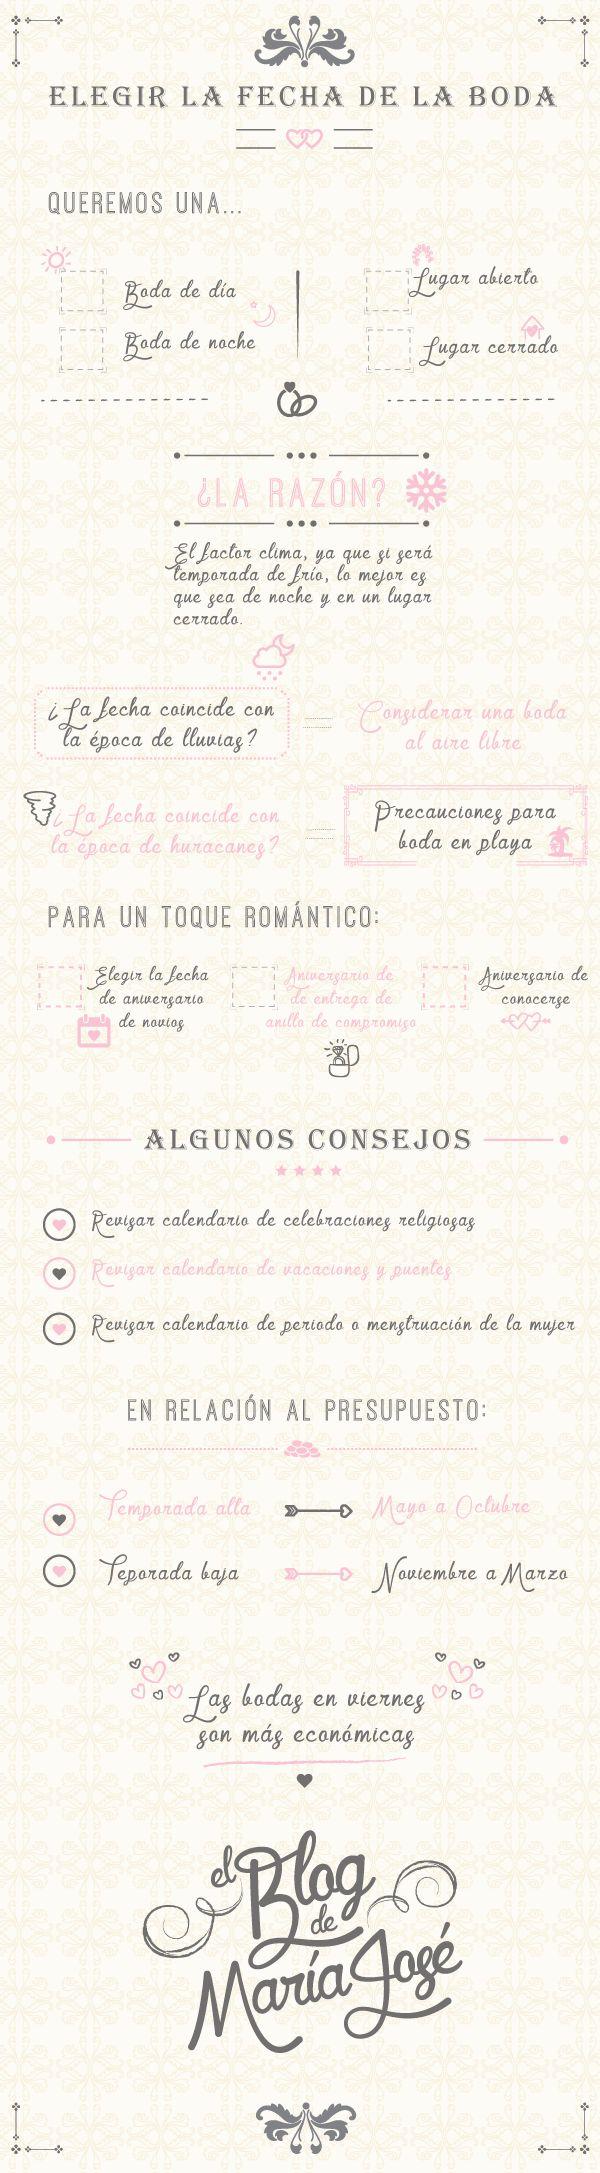 Te doy unos consejos para elegir la fecha de la boda #bodas #elblogdemaríajosé…